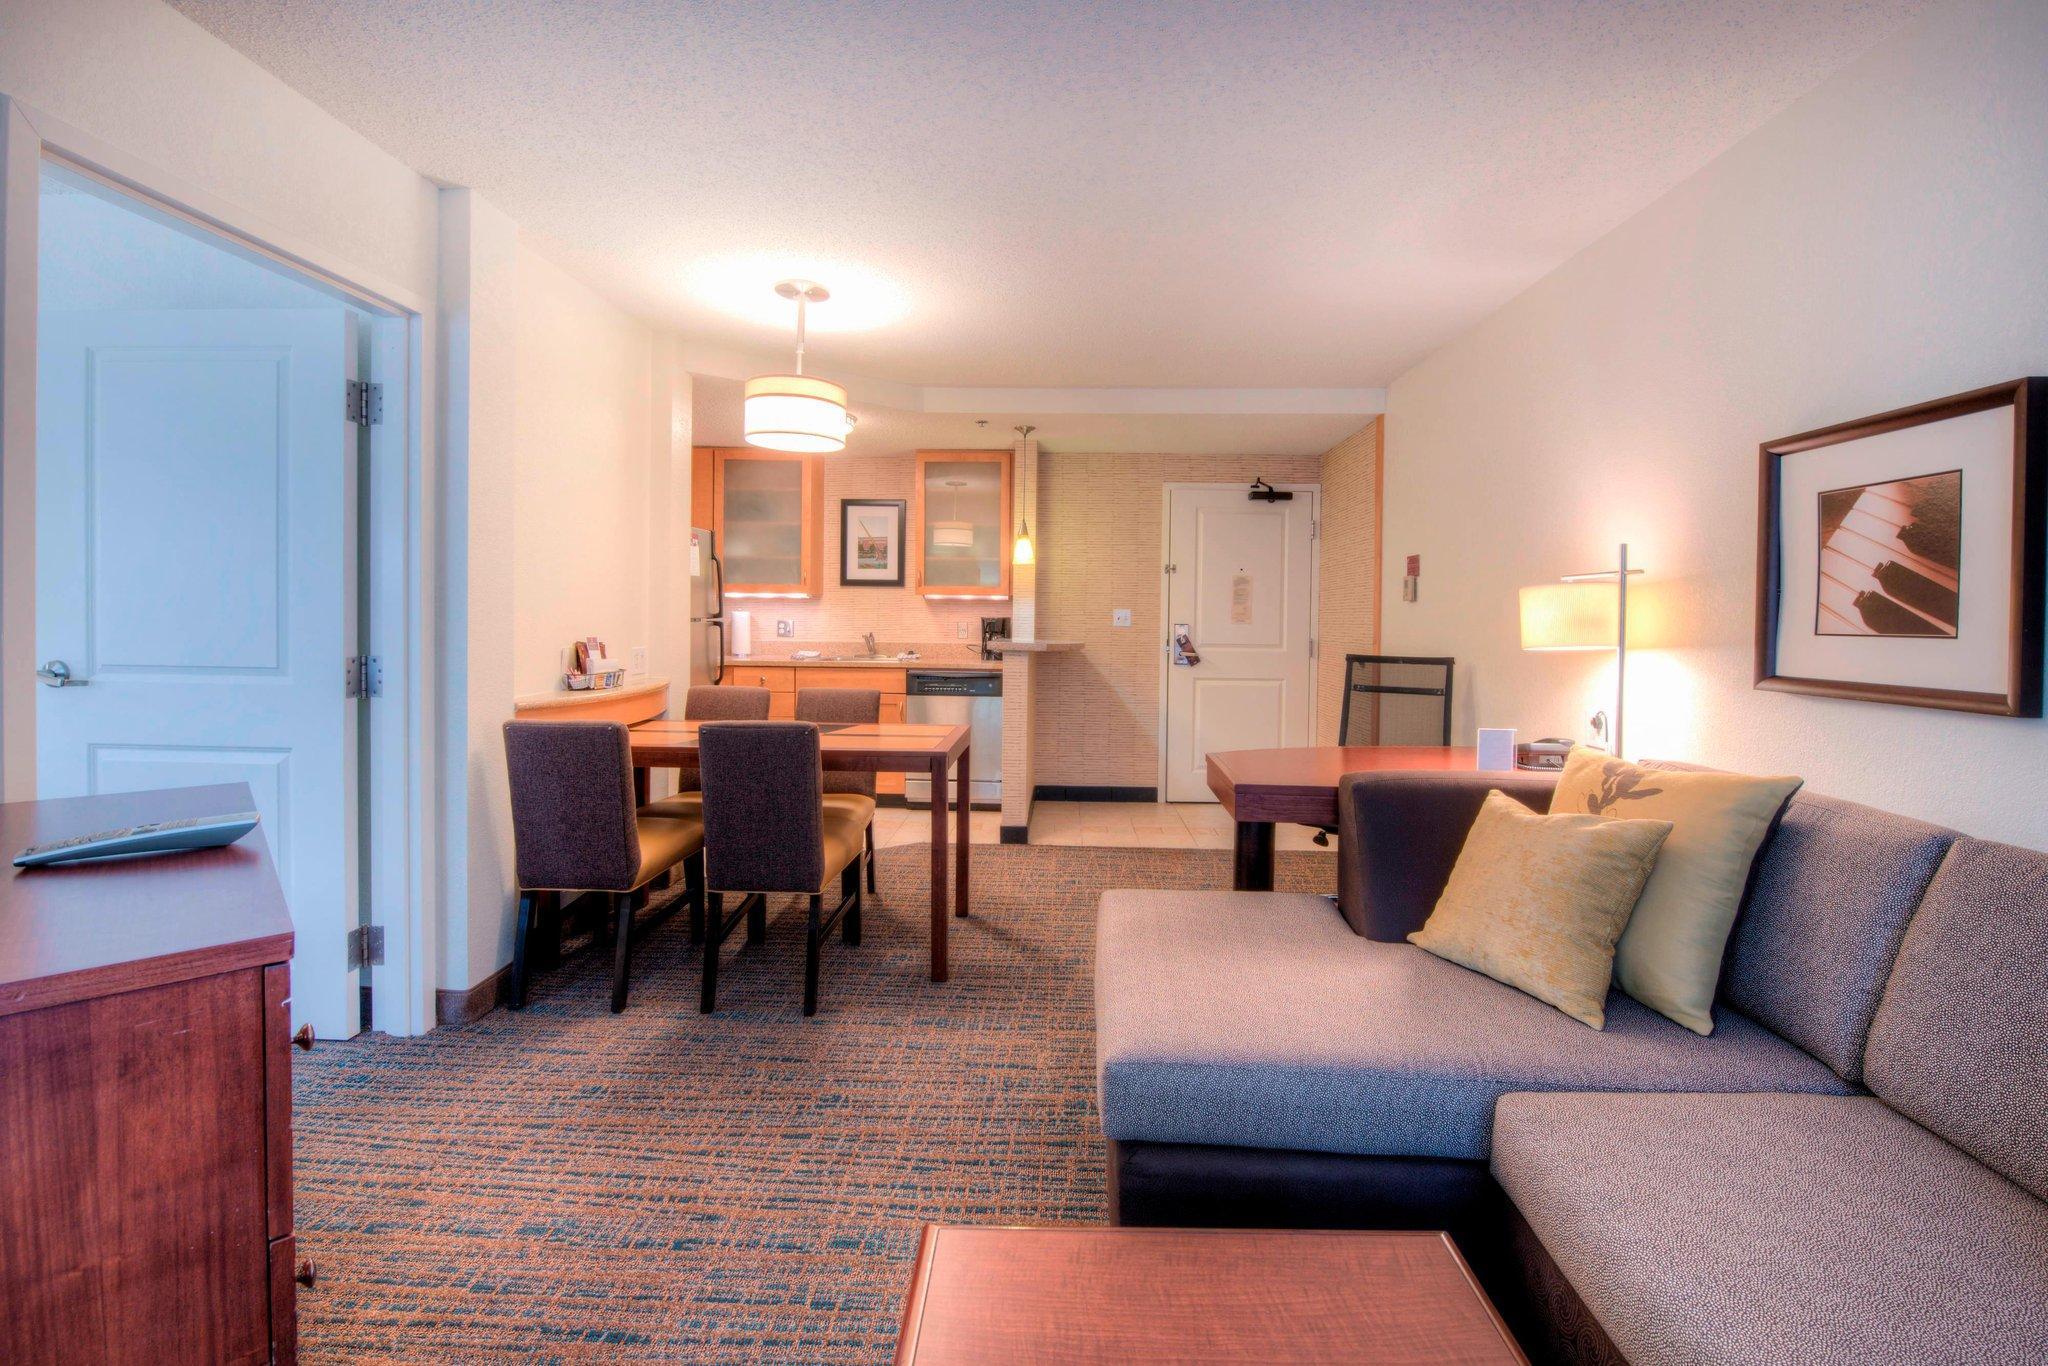 Residence Inn Chapel Hill Hotel Chapel Hill Nc Deals Photos Reviews